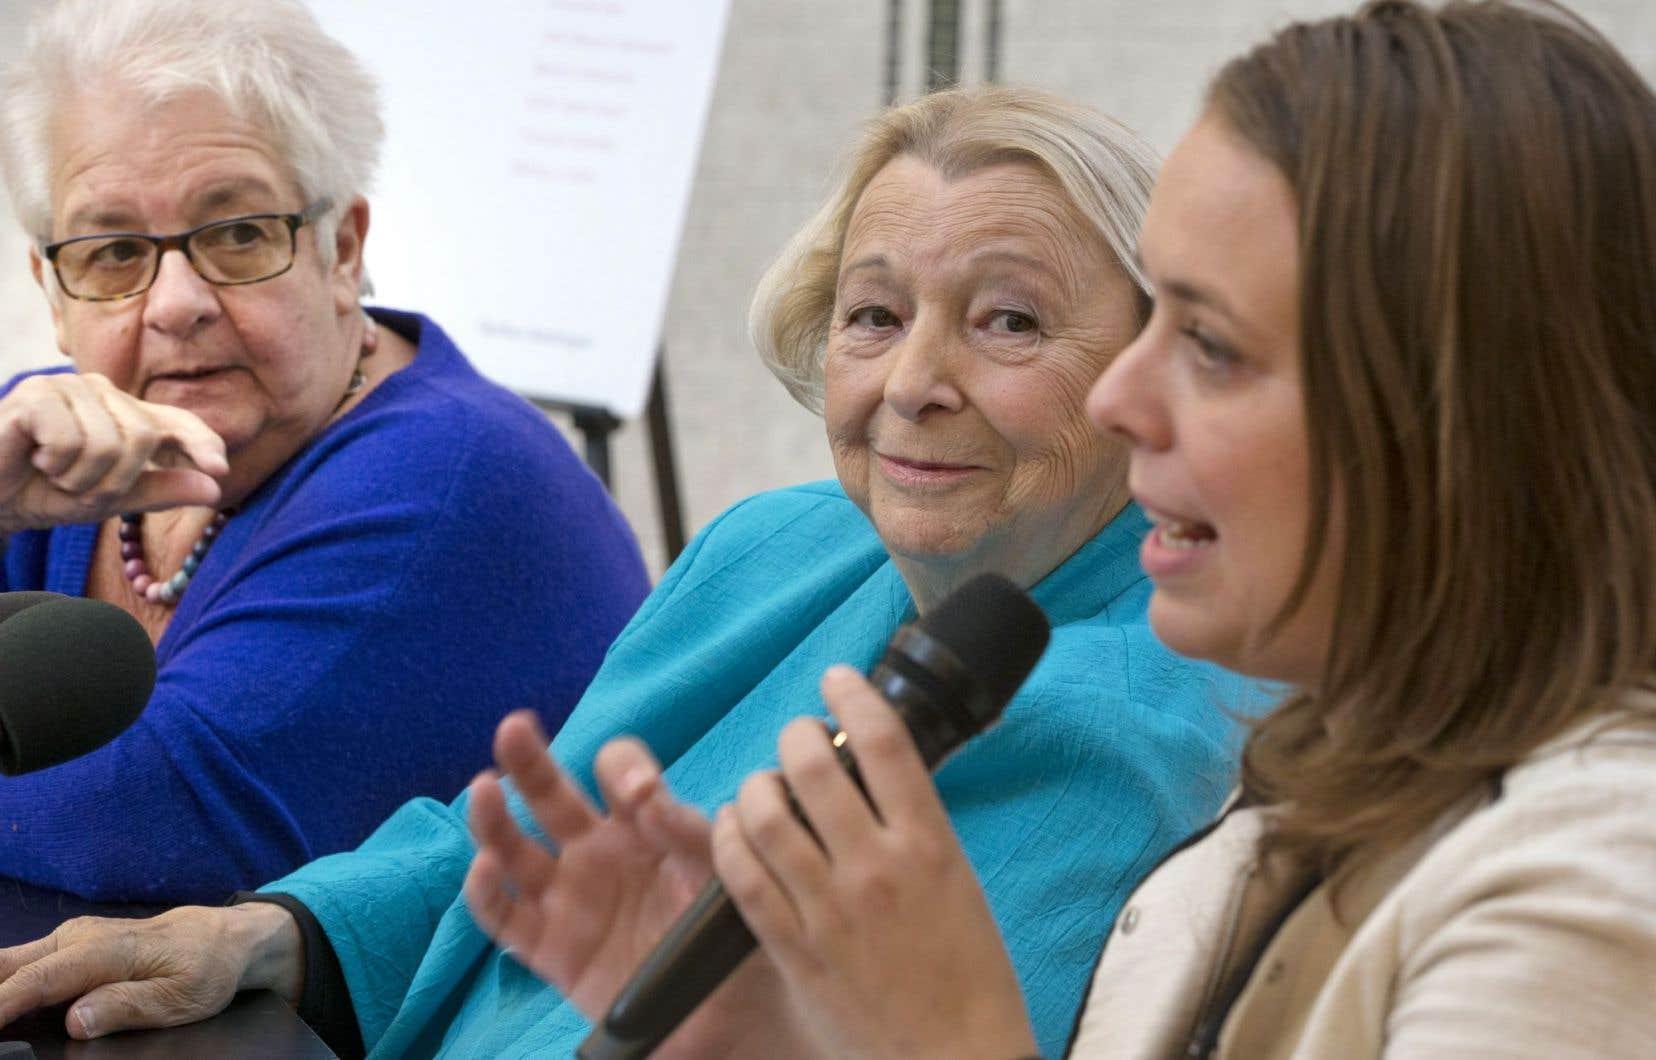 Martine Desjardins, leader étudiante universitaire lors de la grève de 2012, a pris la parole aux côtés de Léa Cousineau, première femme à présider le comité exécutif de la Ville de Montréal, et Lise Payette.